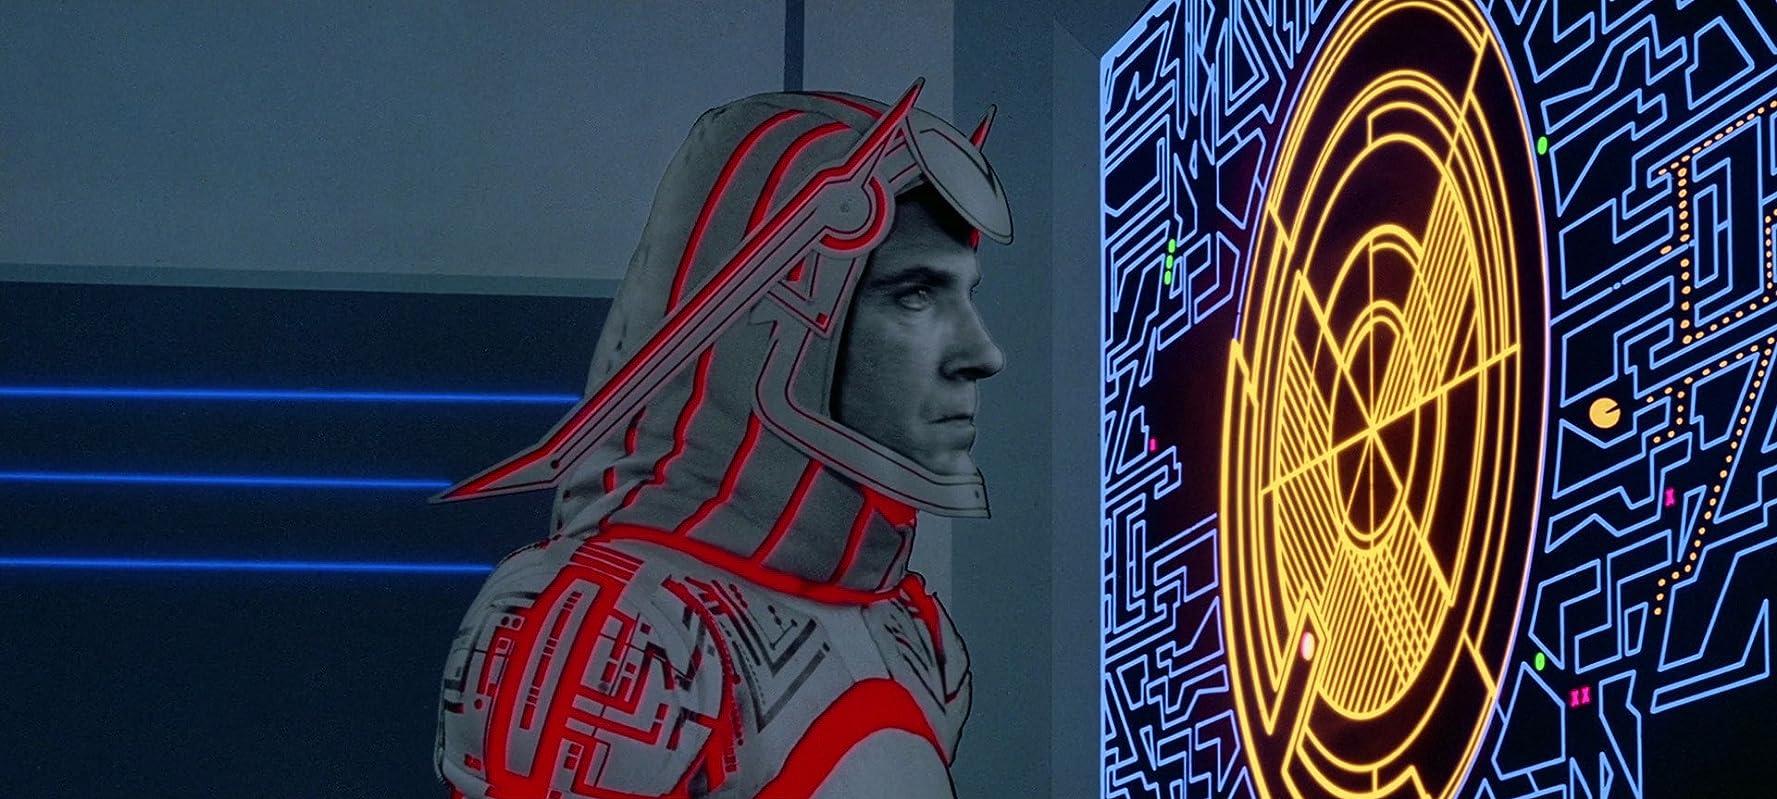 Tron 1982 Concept Art